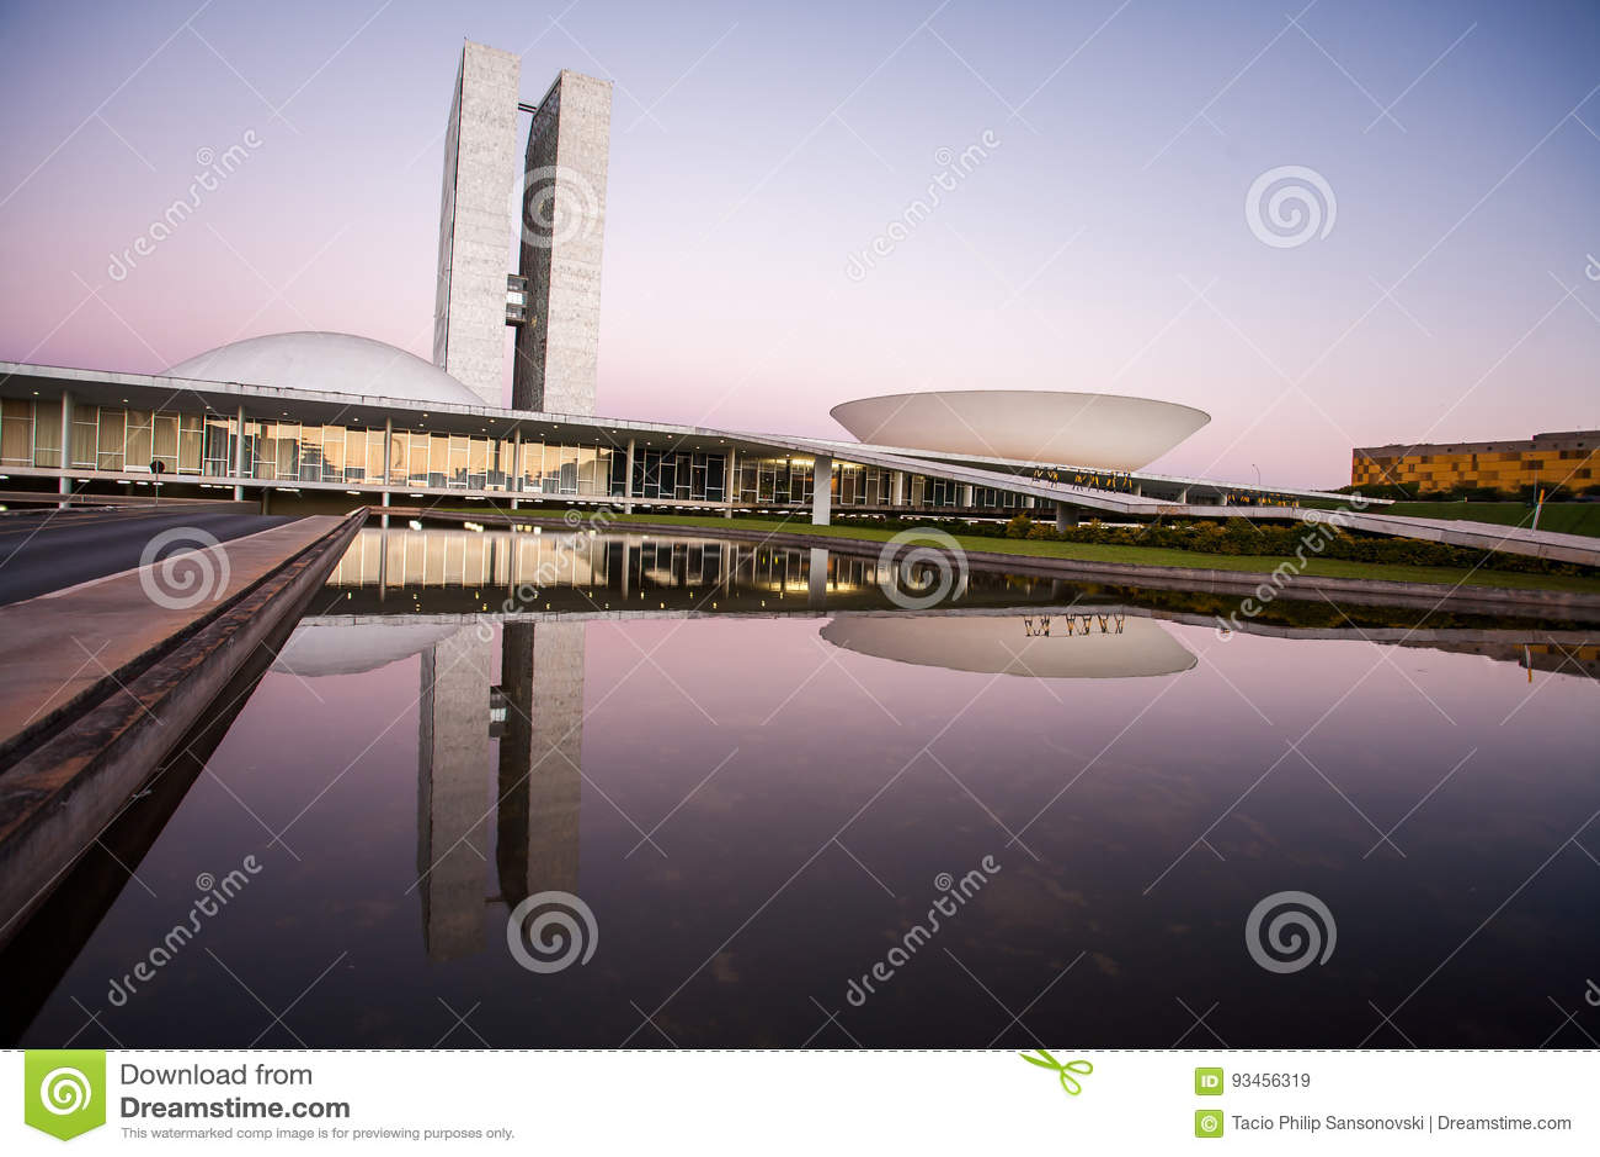 Brasilianischer Nationalkongress bei Einbruch der Dunkelheit mit Reflexionen auf LAK